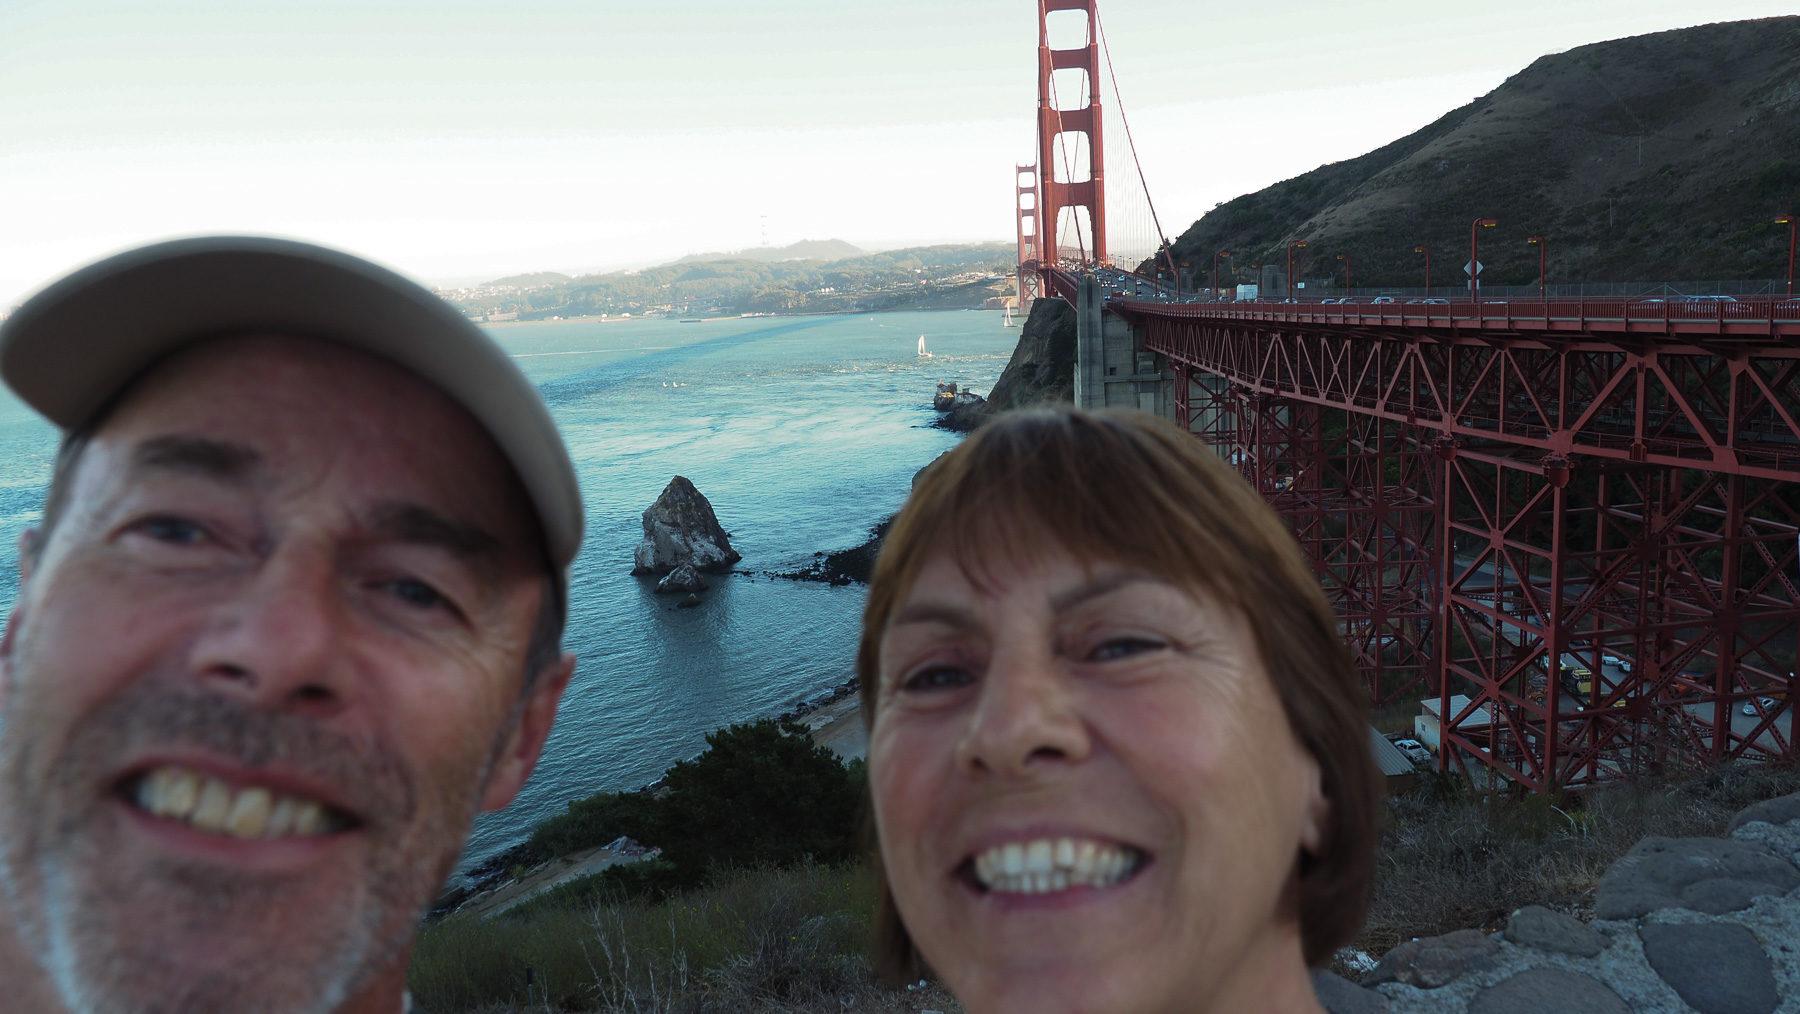 Selfie an der Golden Gate Bridge, mit eher mäßigem Erfolg